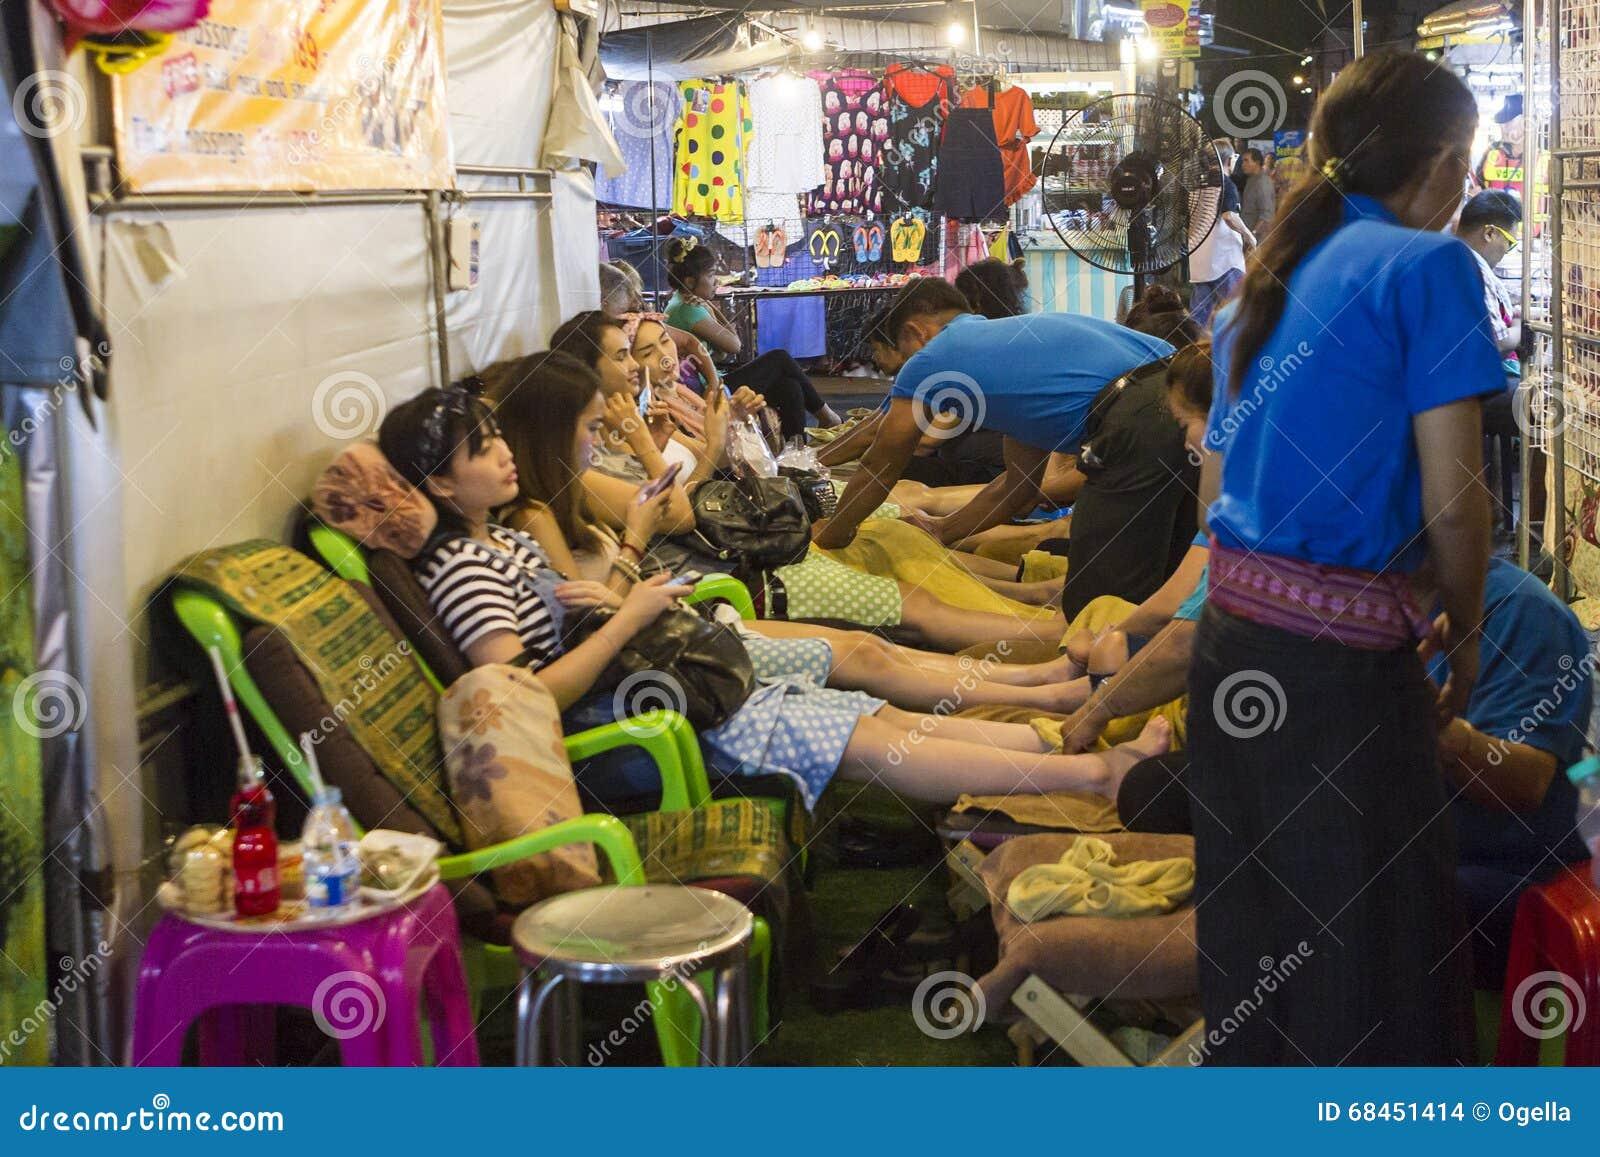 knulla helsingborg river kwai thai massage